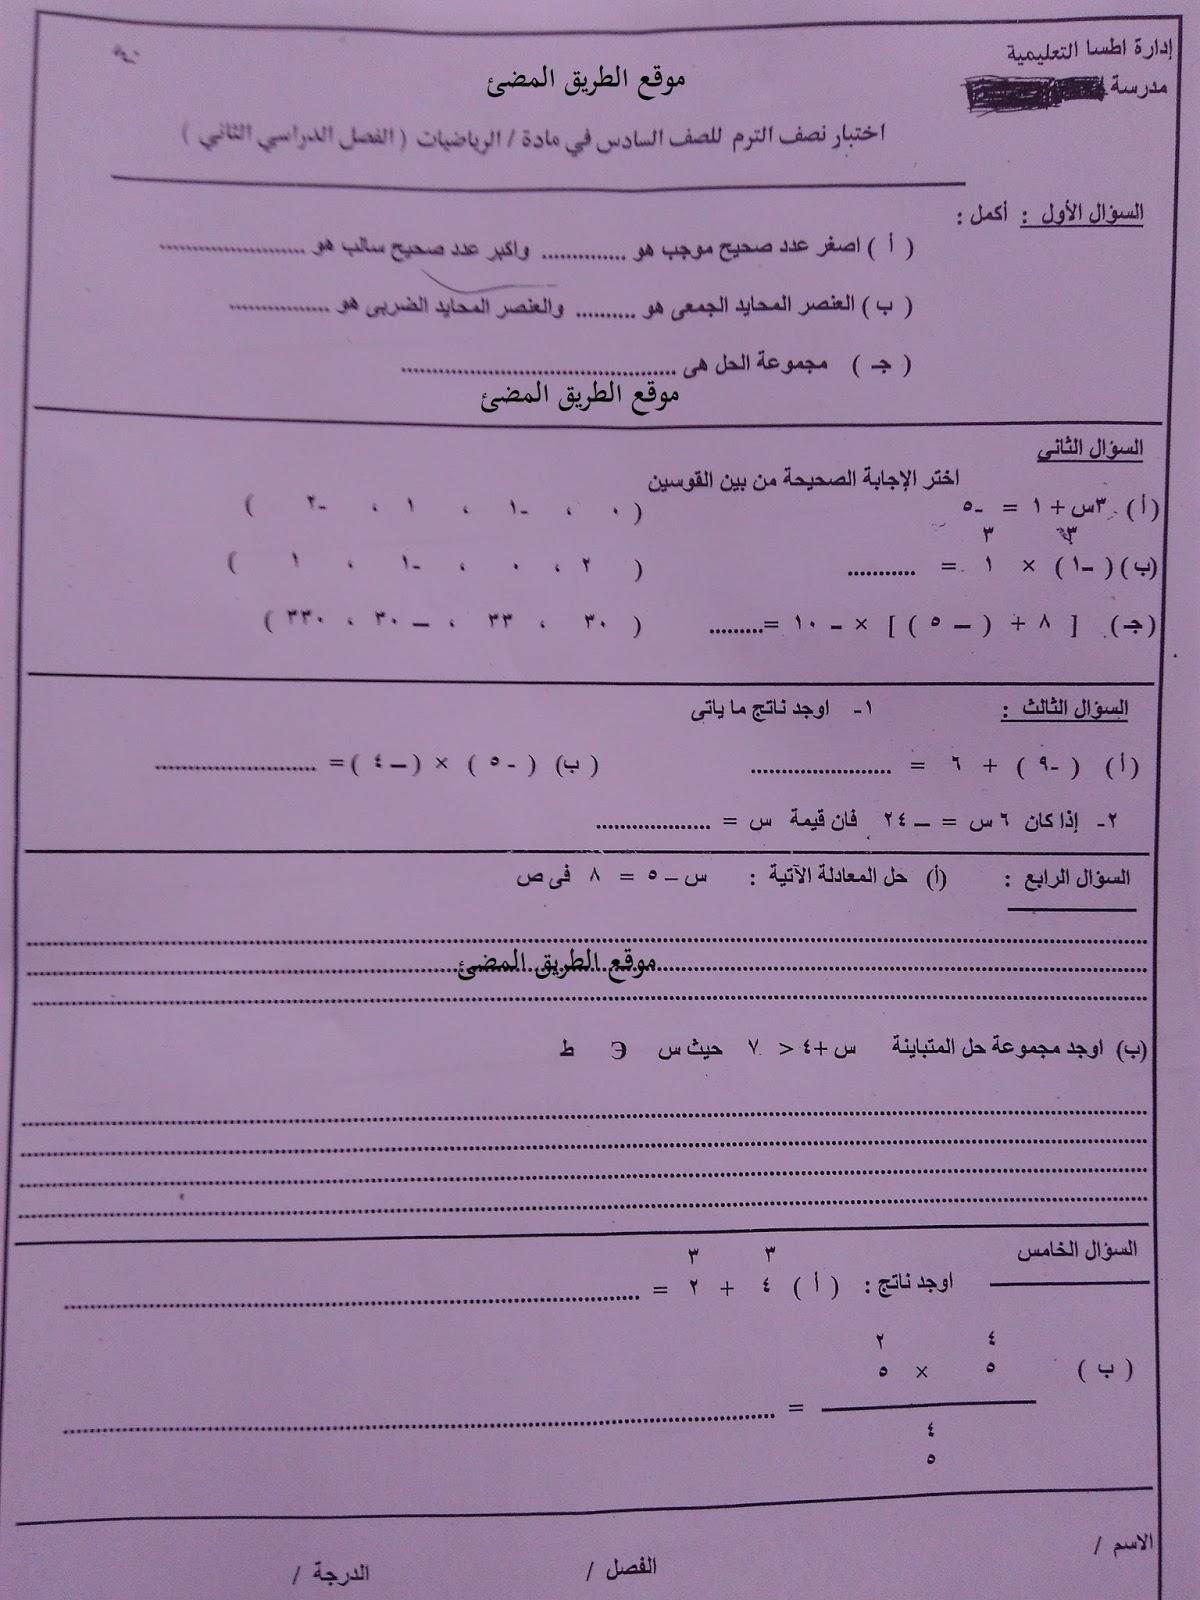 إمتحانات نصف الترم للصف السادس الابتدائي في الرياضيات الترم الثاني امتحانات رياضيات ميد ترم سادسة ابتدائى